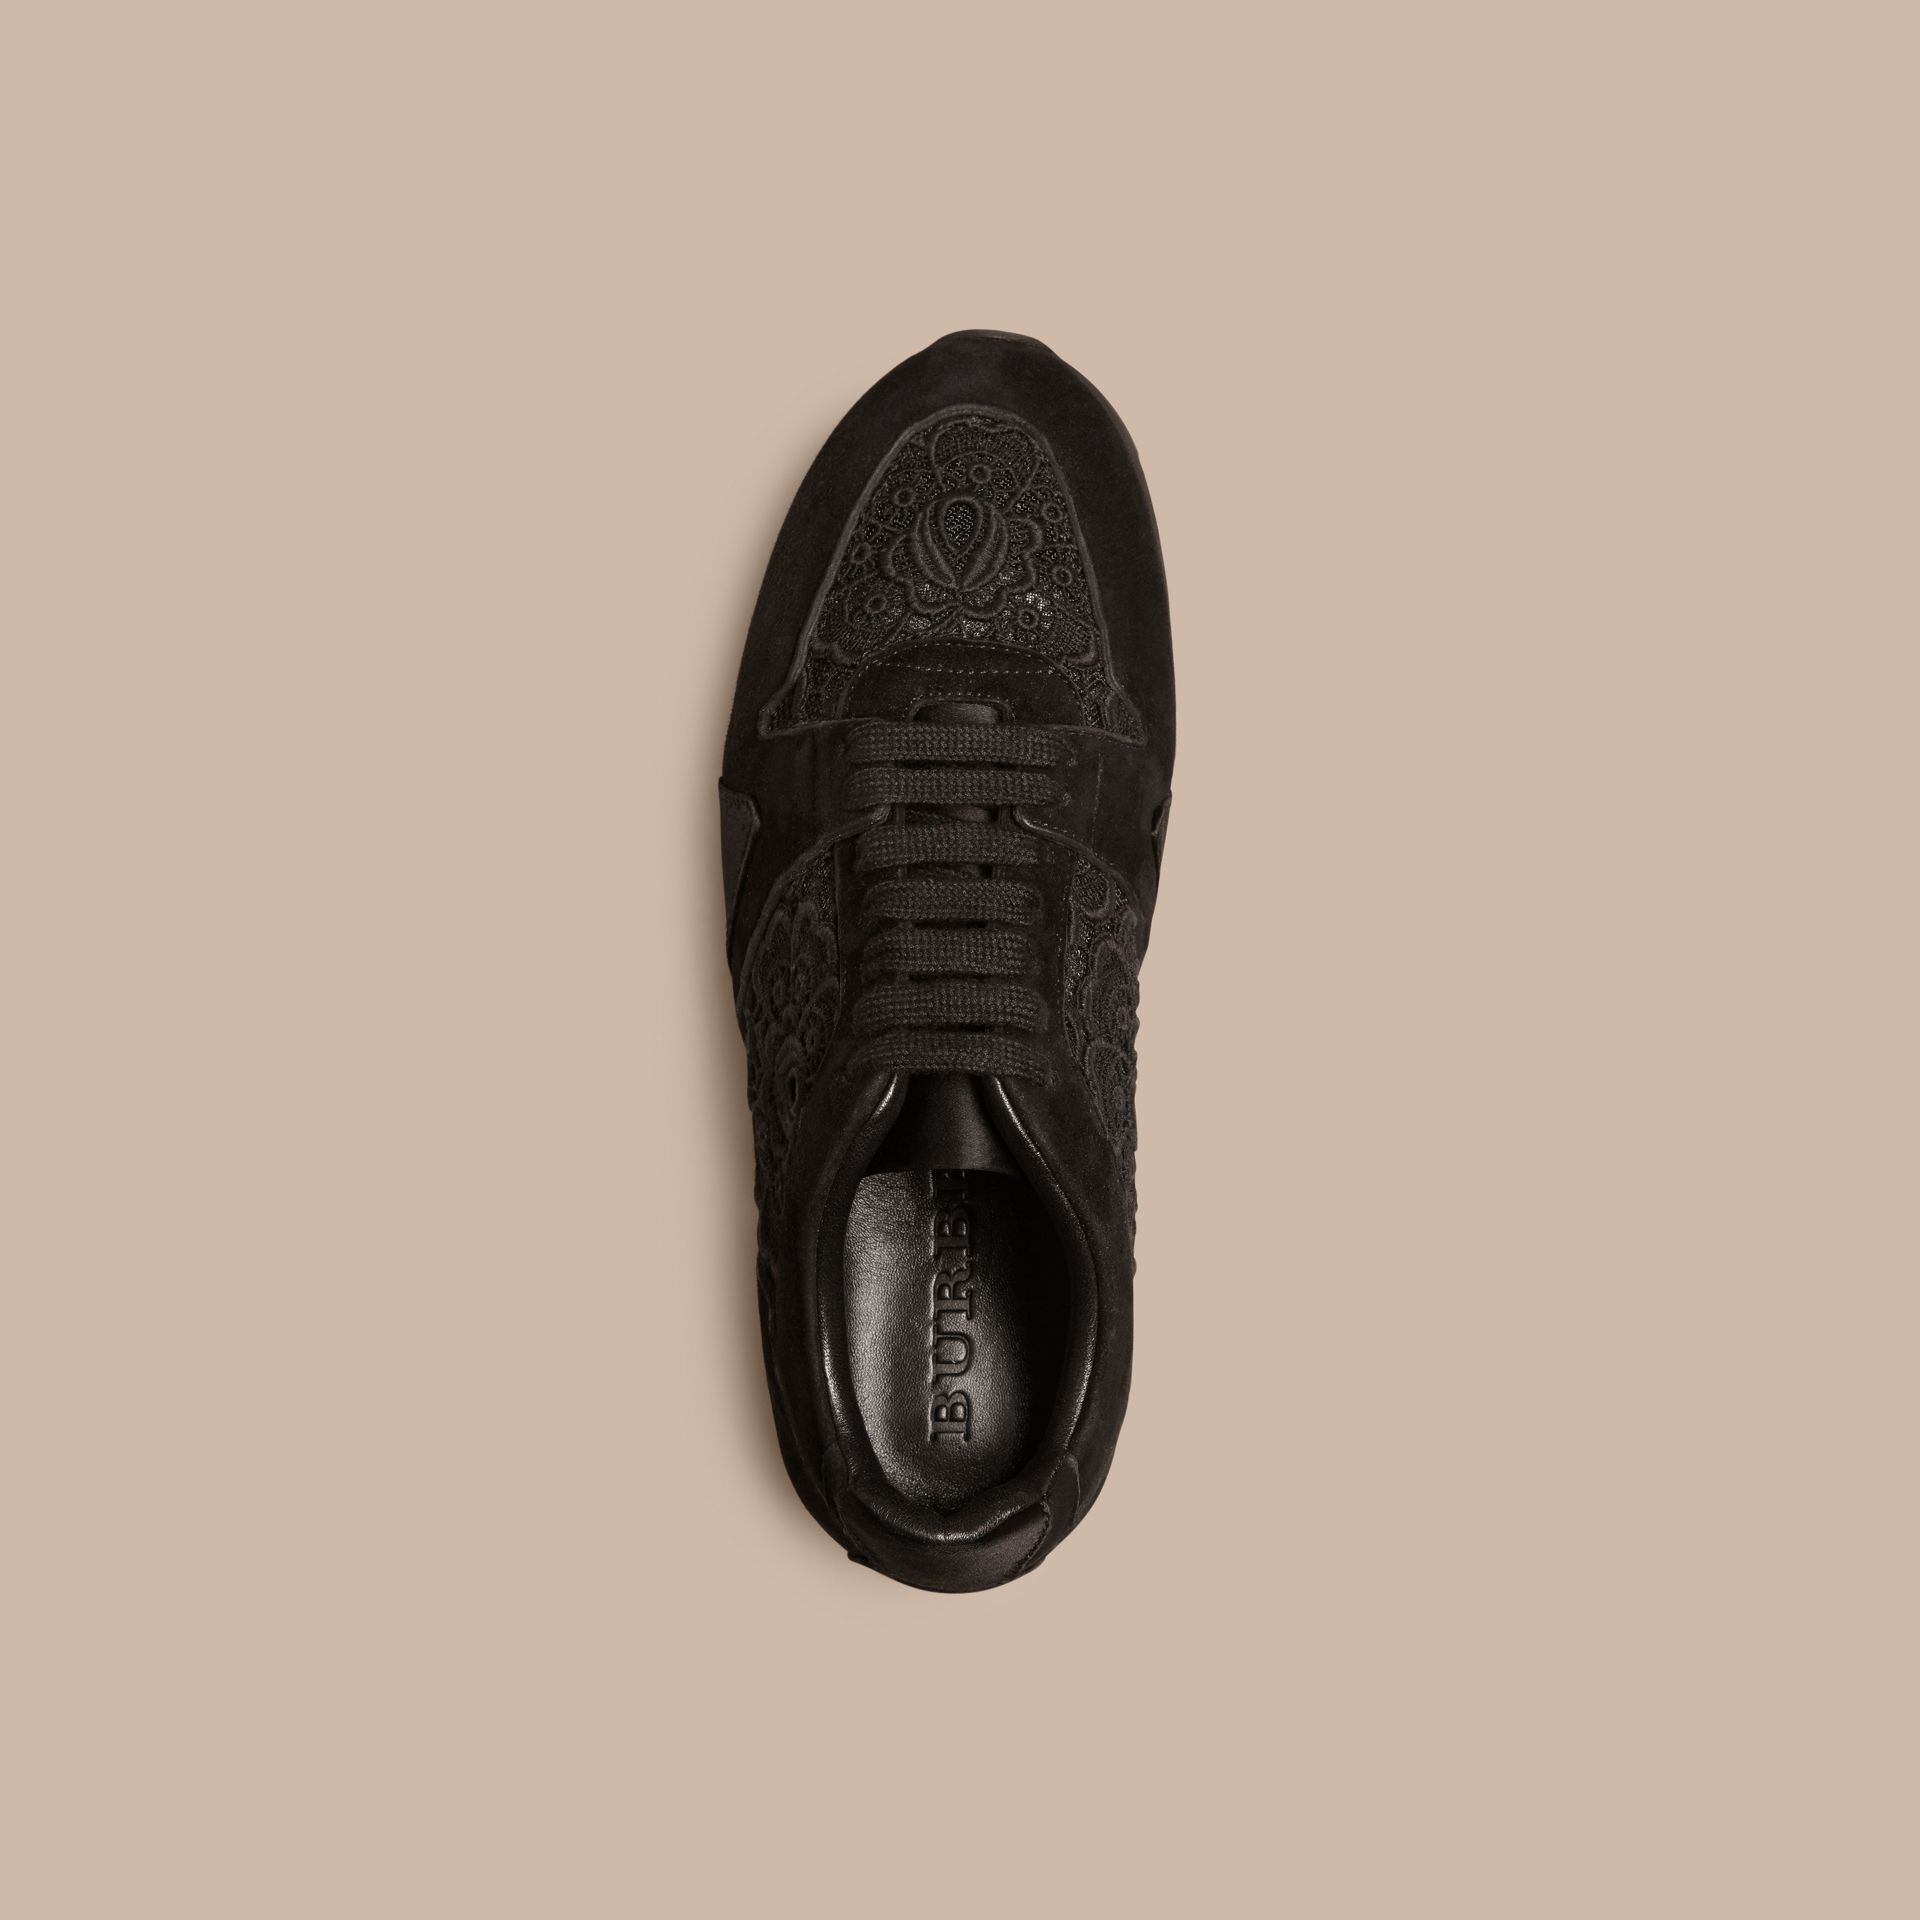 黑色 The Field 蕾絲與麂皮野地運動鞋 - 圖庫照片 3